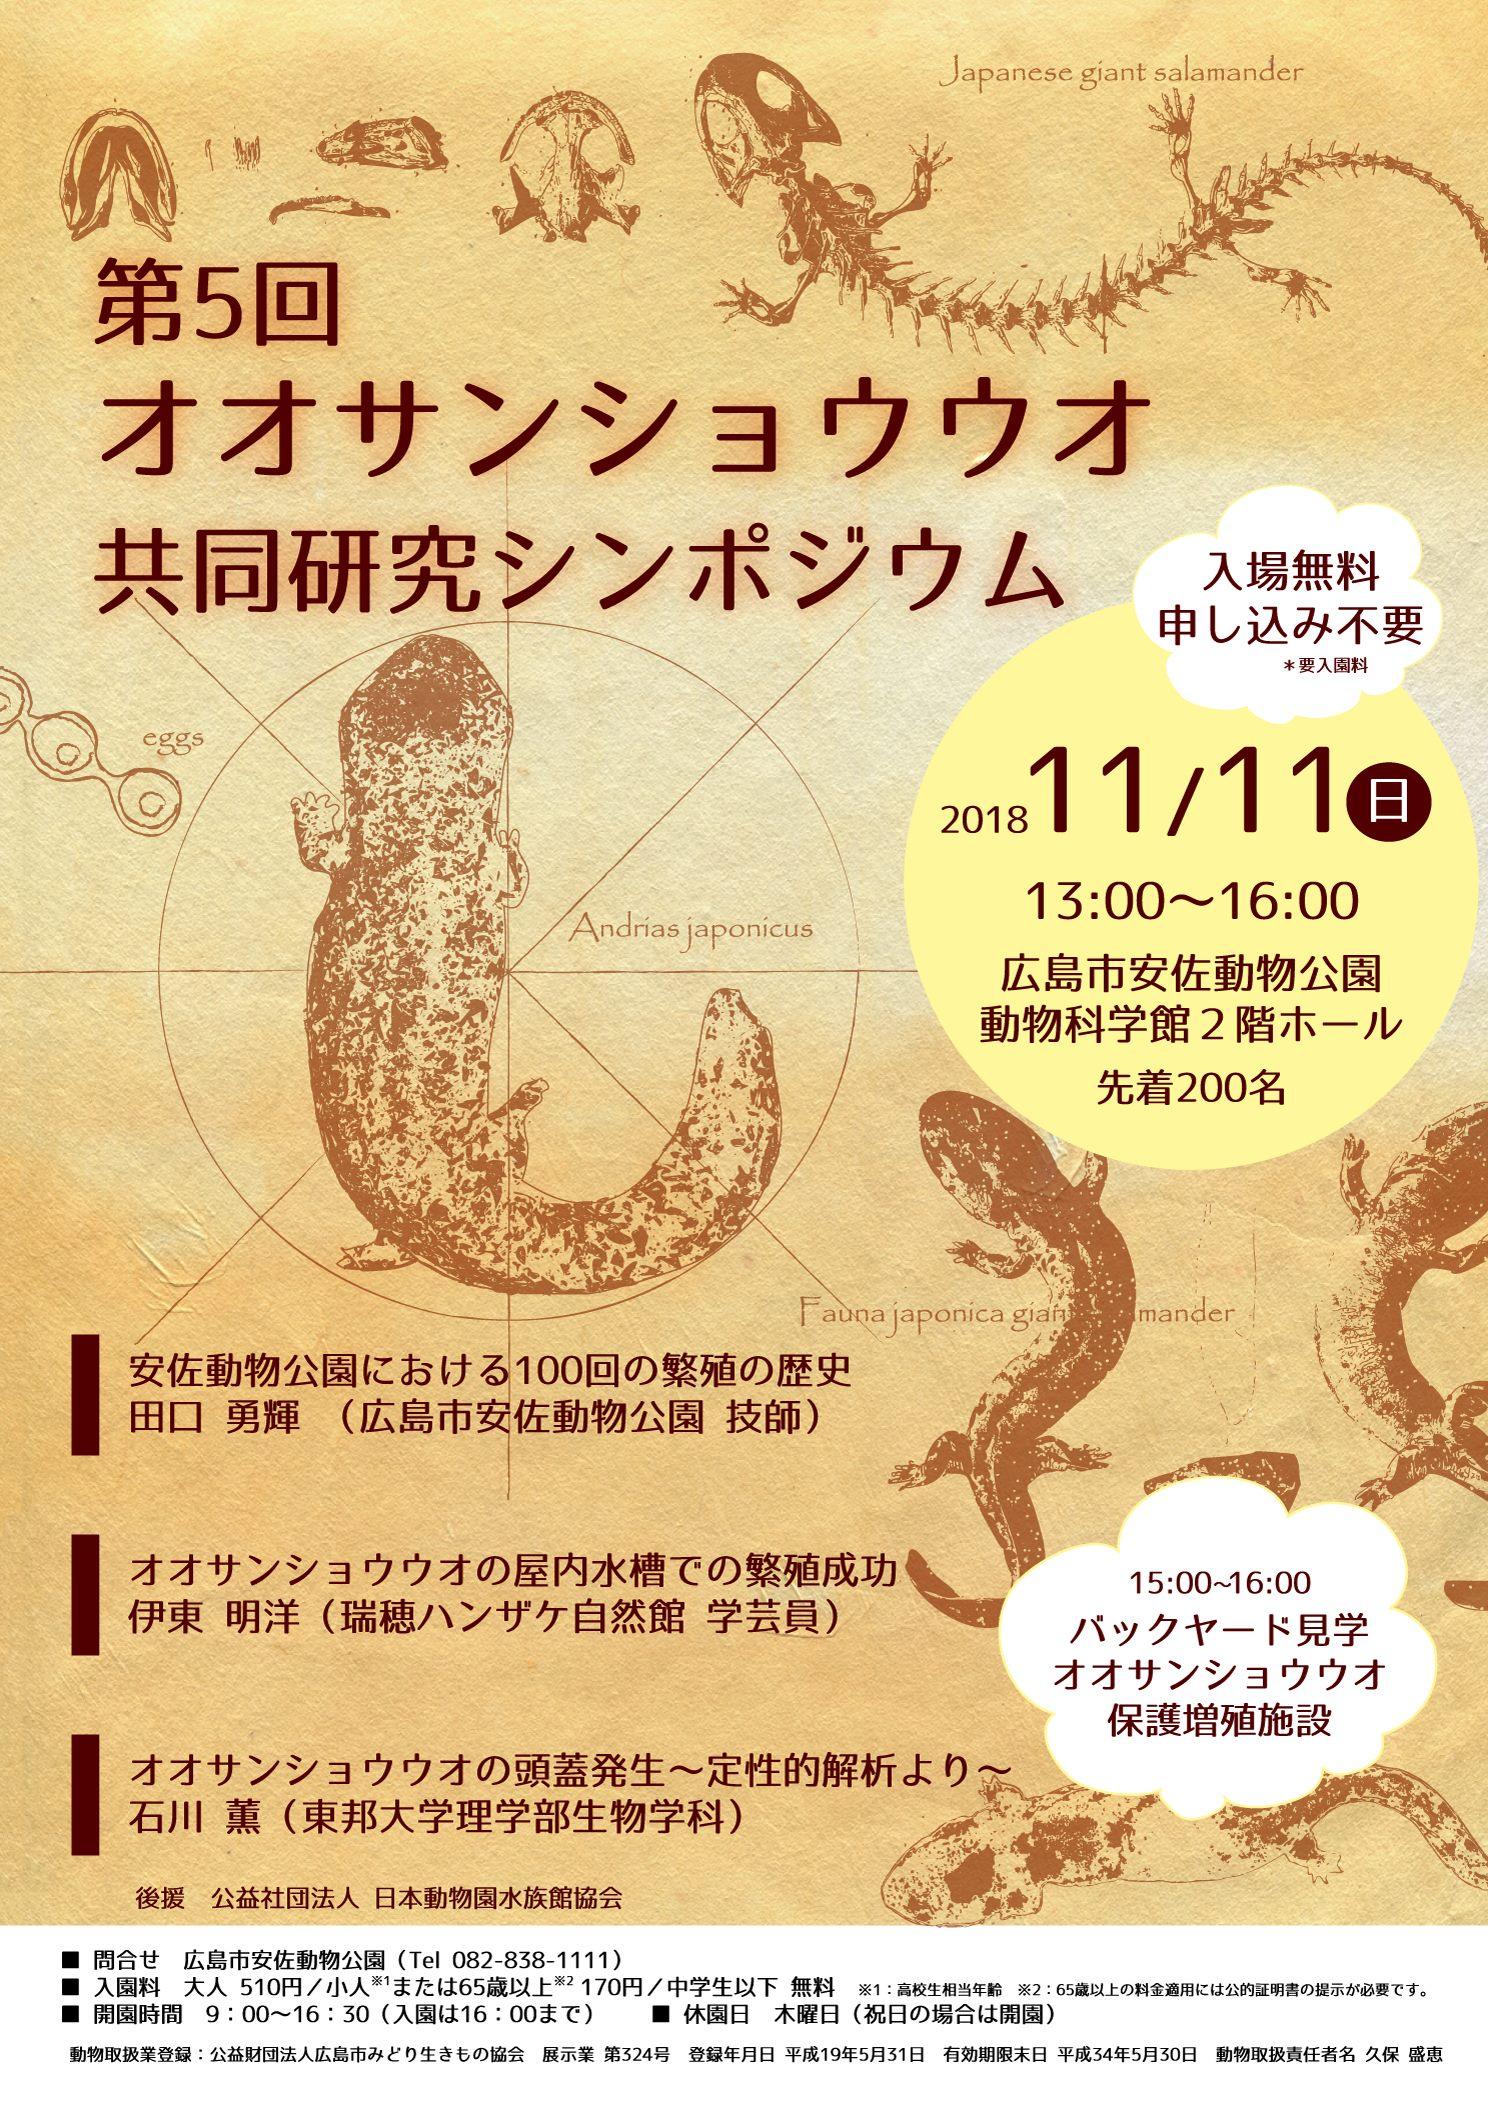 第5回オオサンショウウオ共同研究シンポジウム(11/11)開催のお知らせ